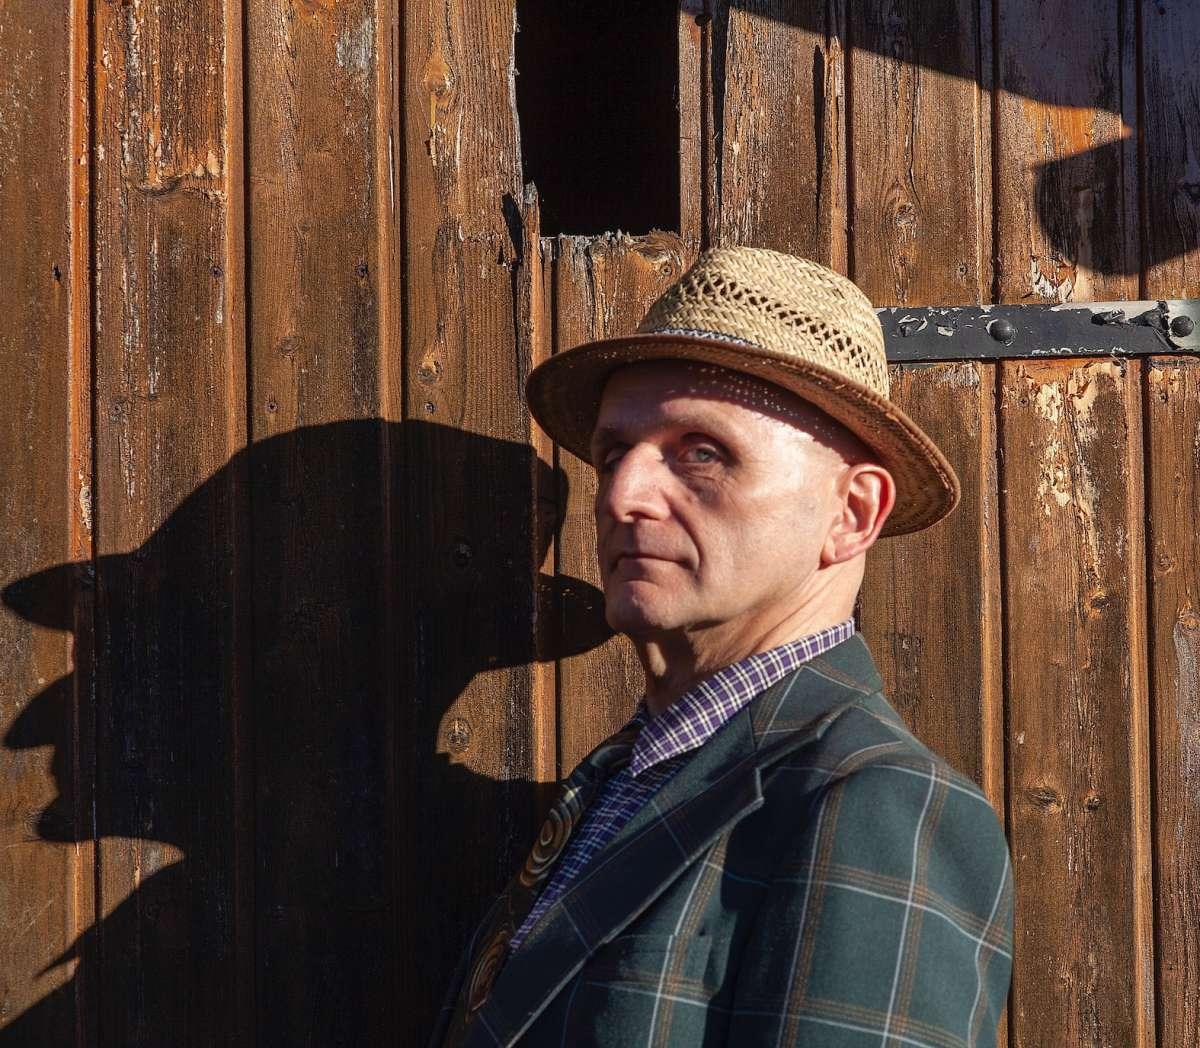 Lesung zu seinem Buch - Das Ô - Franz Habersack alias Michael Bleuel - VERLEGT - Kulturzentrum Kreuz oder KUZ Kreuz - Fulda